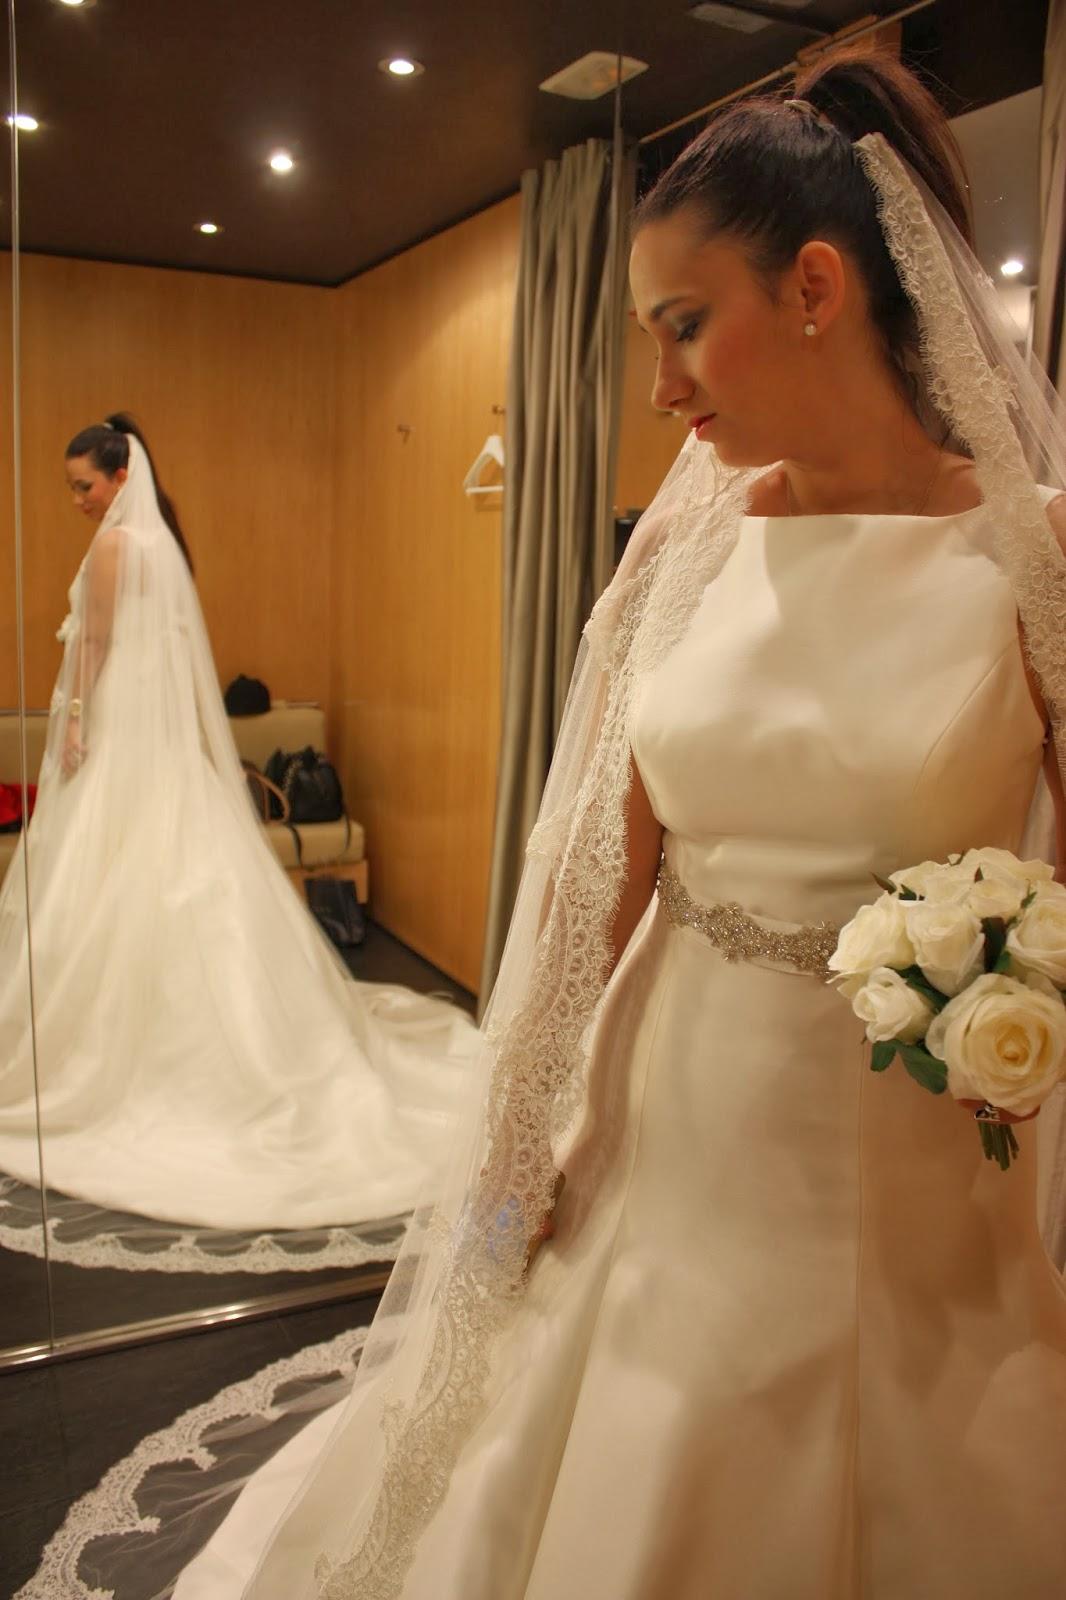 http://silviparalasamigas.blogspot.com.es/2013/11/look-evento-pronovias.html